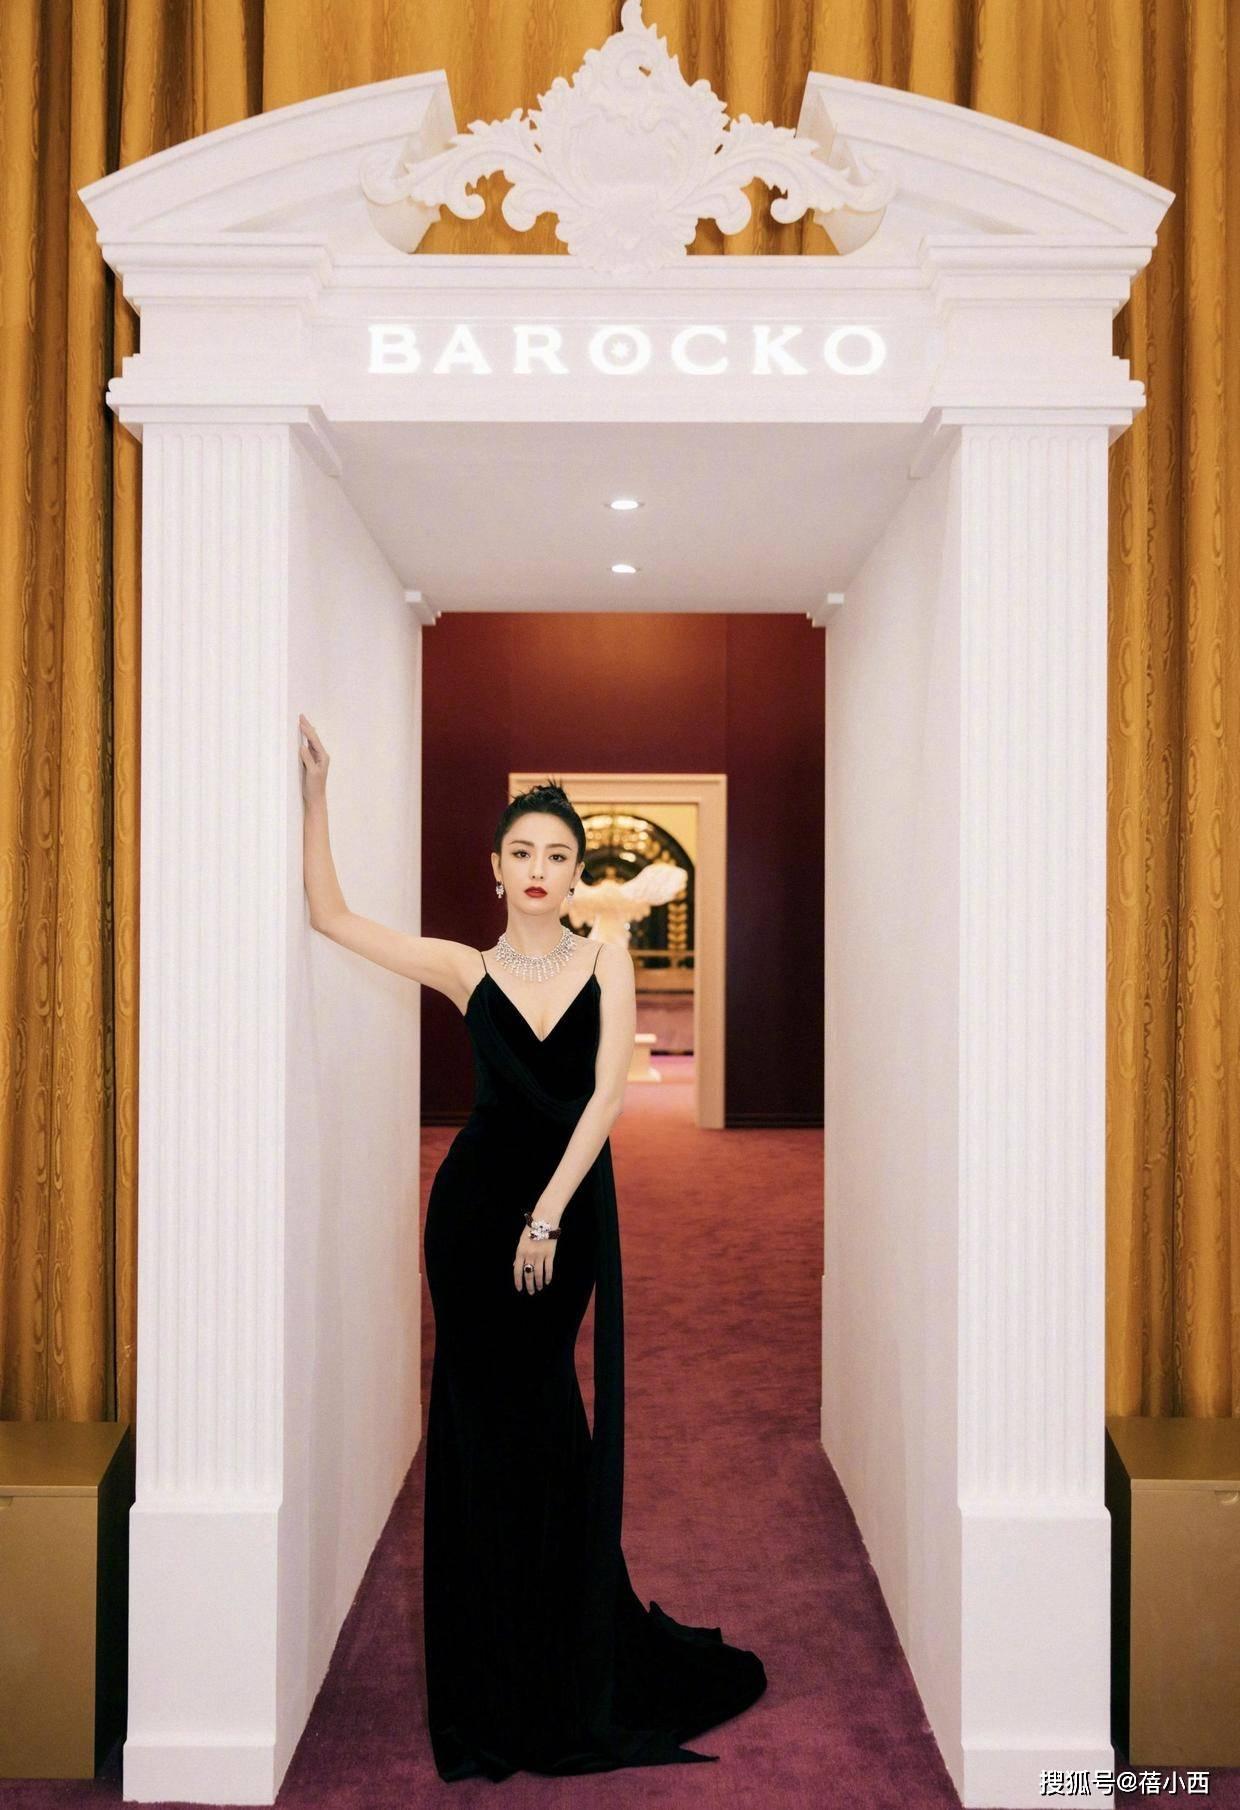 """原创             佟丽娅穿红色连衣裙""""迷死我""""了,穿衣搭配从不复杂,自带高级美"""